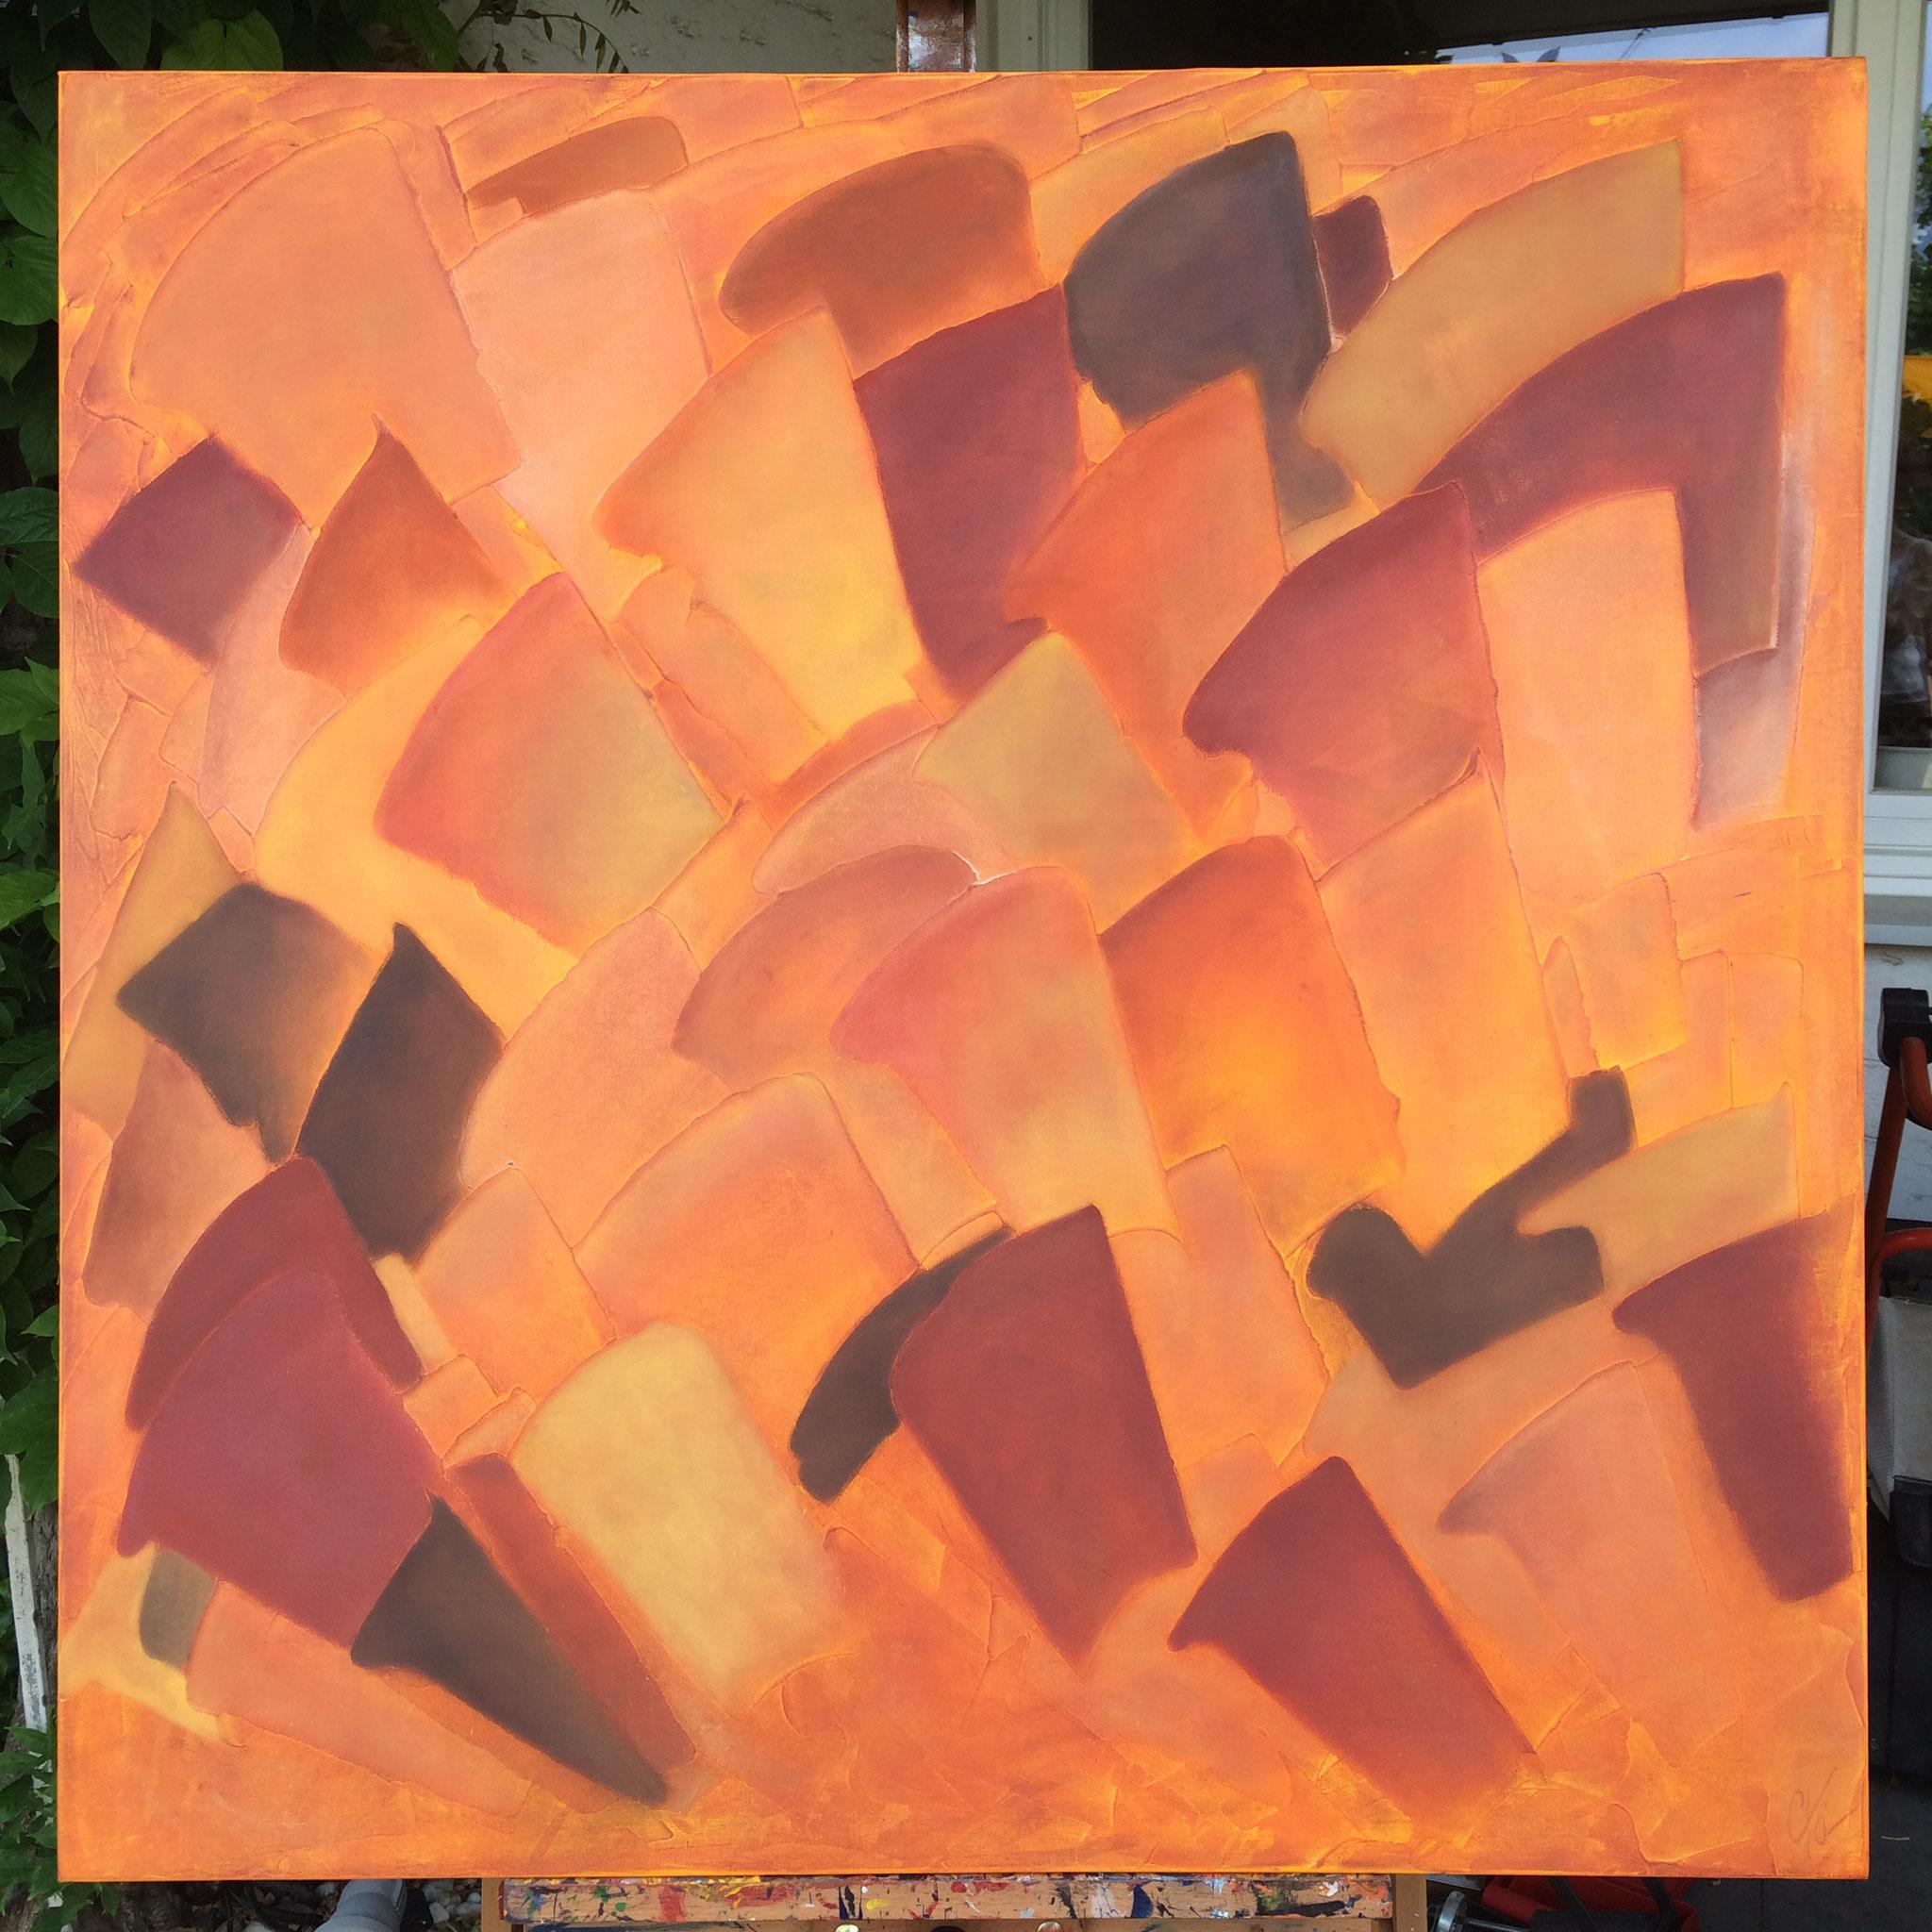 Harmonie - 100 x 100 cm